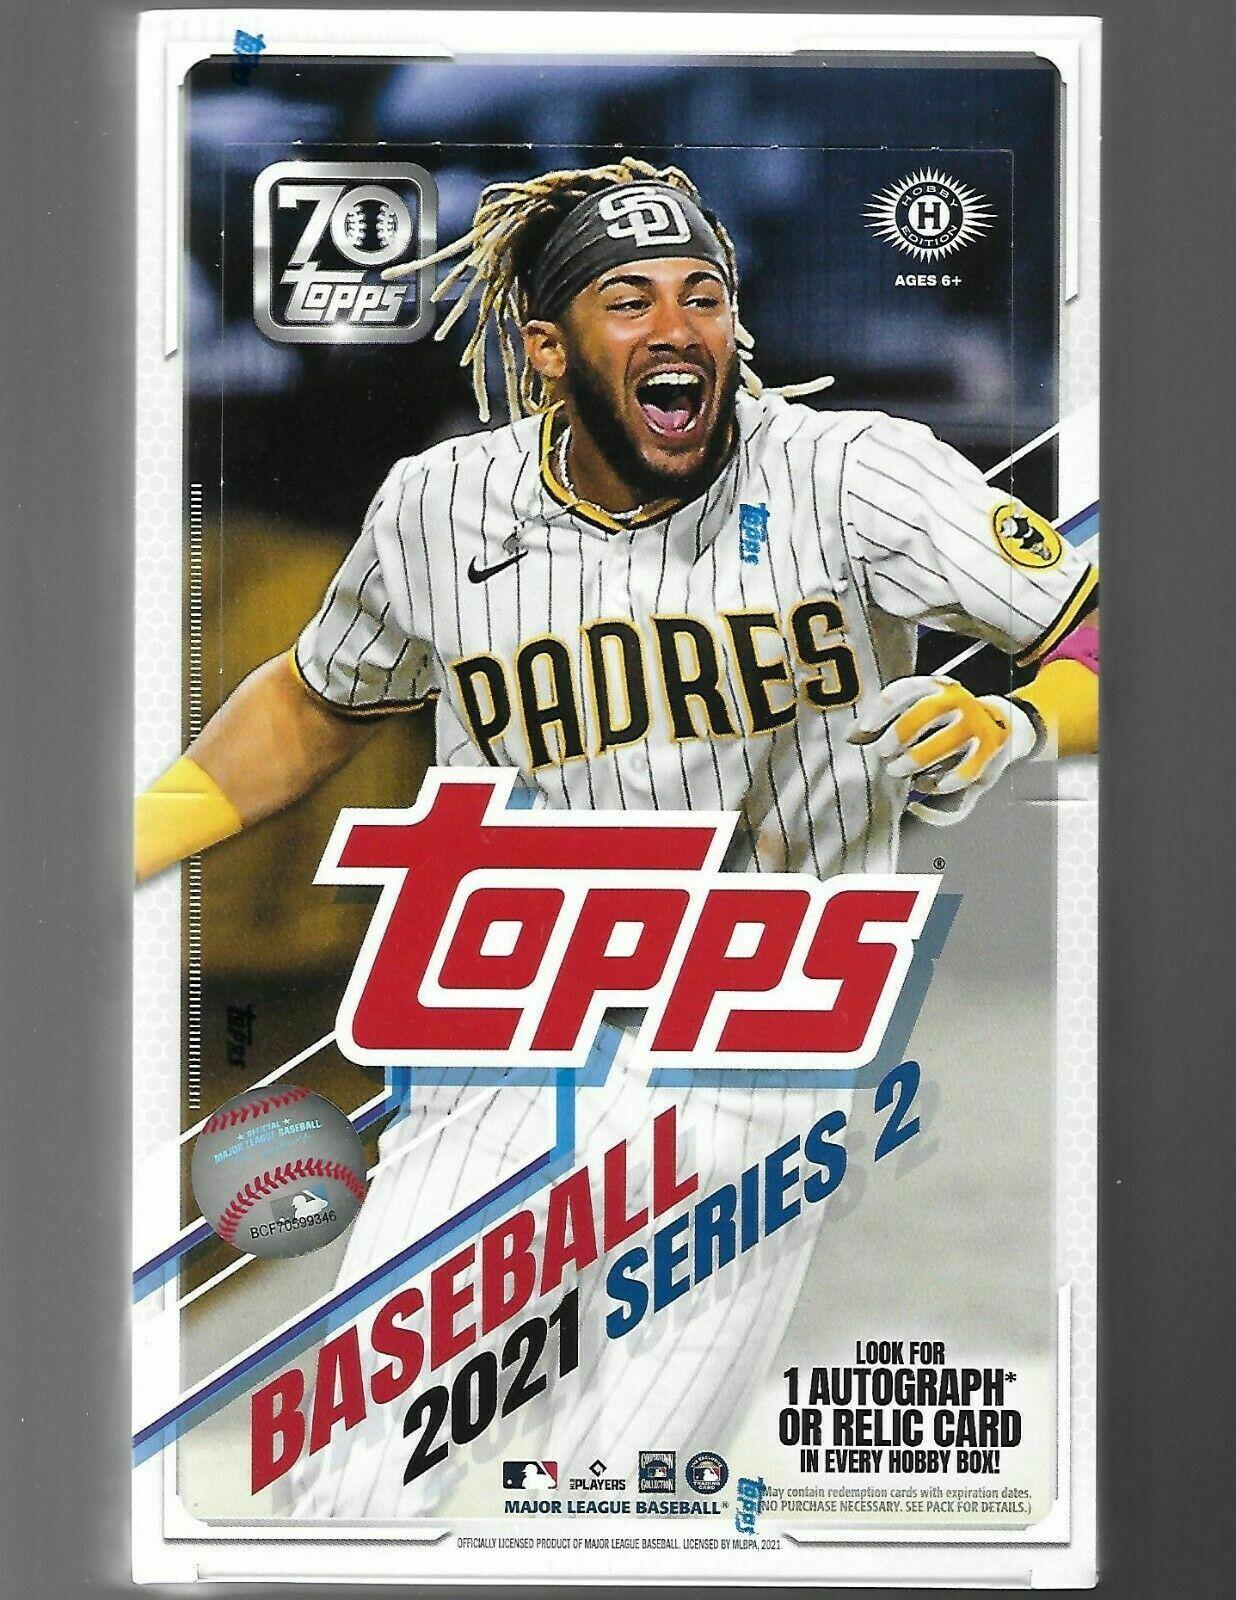 2021 Topps Baseball Series 2 Hobby Box